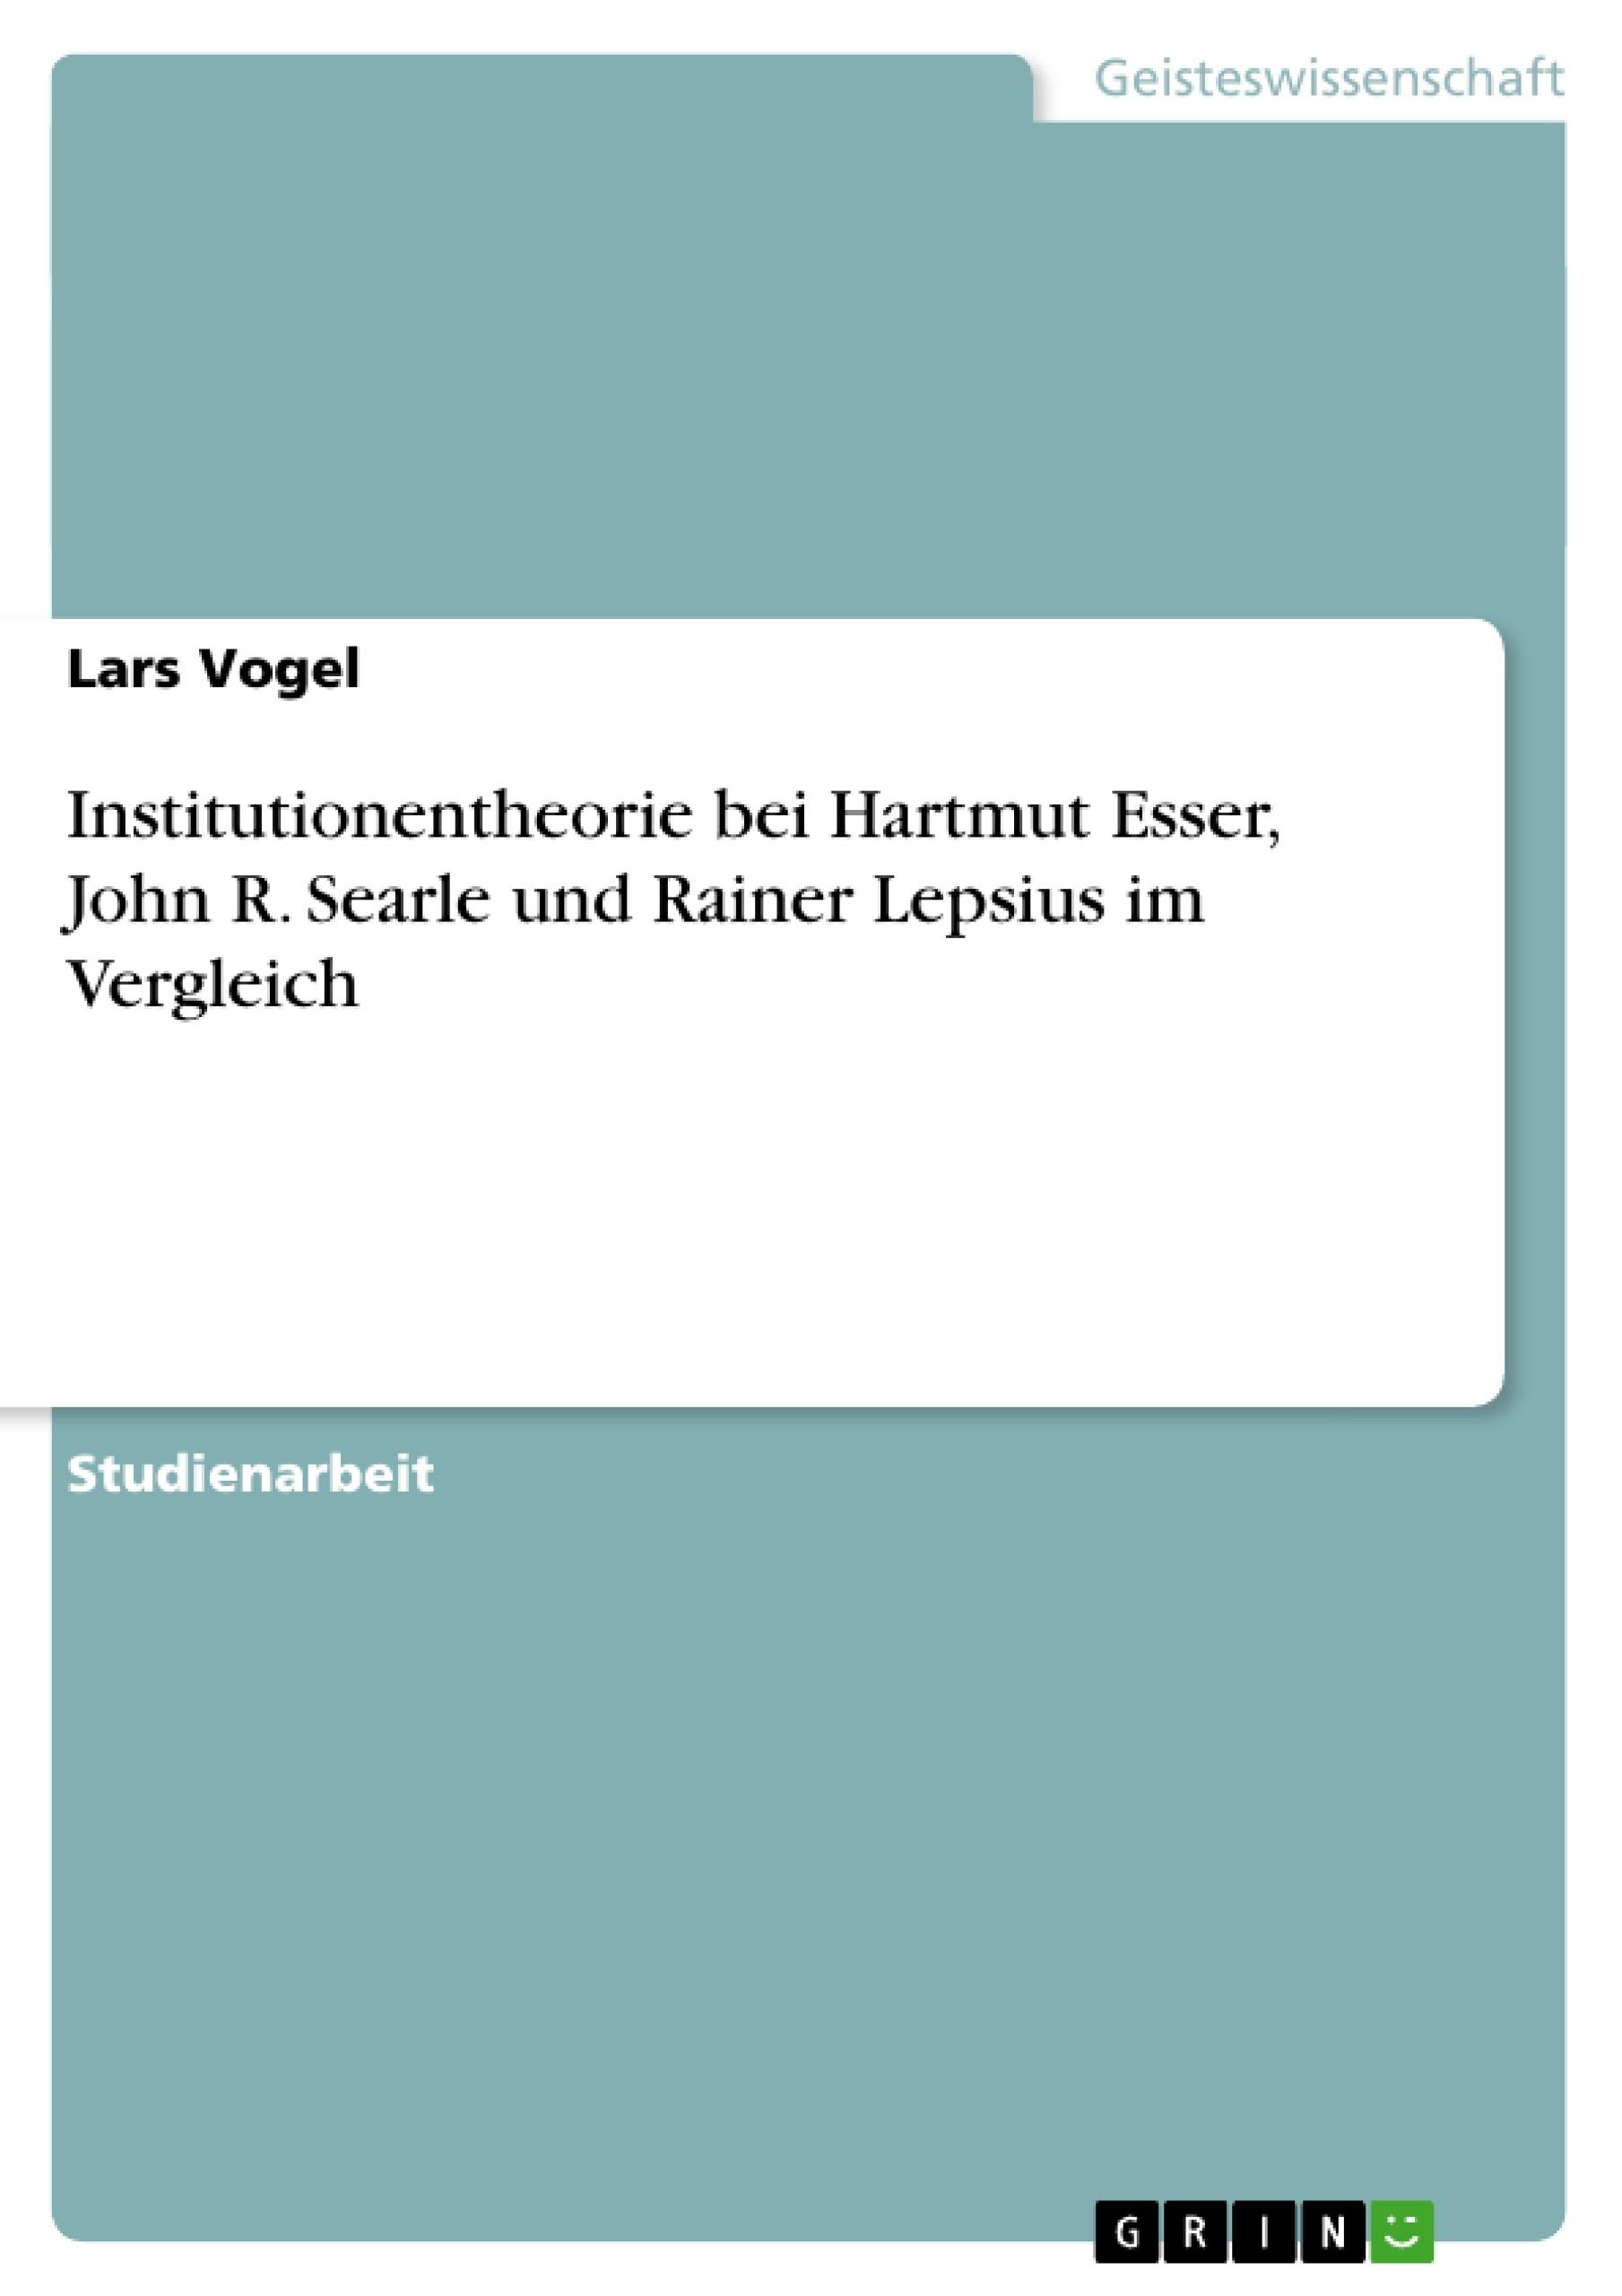 Titel: Institutionentheorie bei Hartmut Esser, John R. Searle und Rainer Lepsius im Vergleich